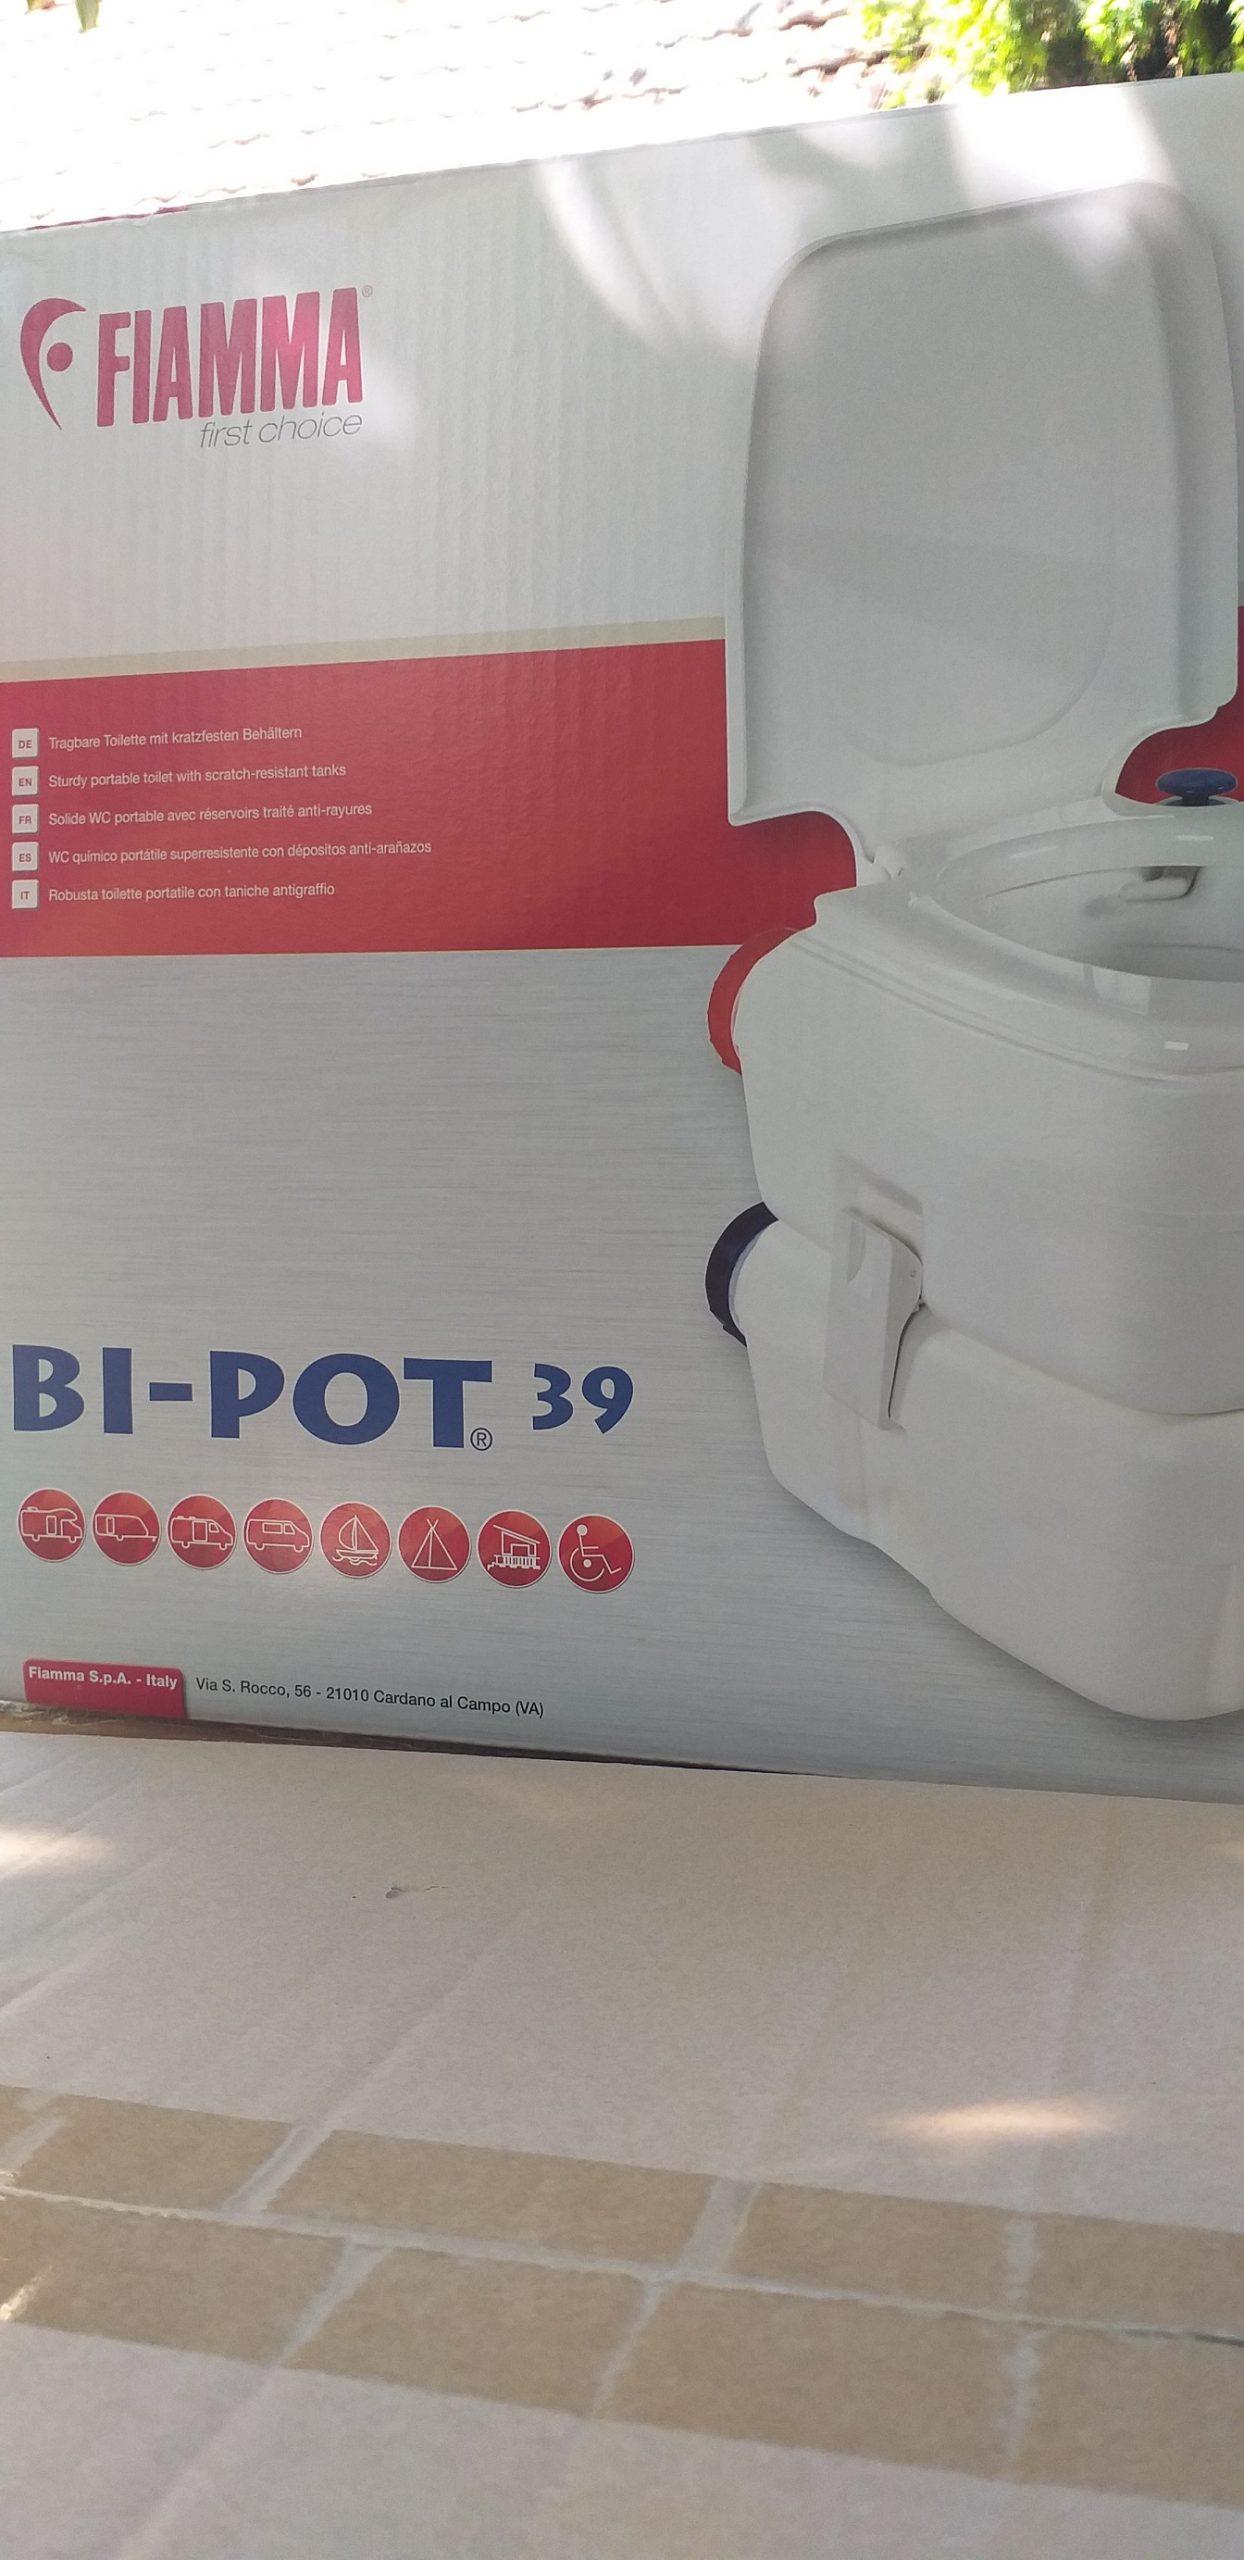 Toaleta portabila fiamma BI POT 39